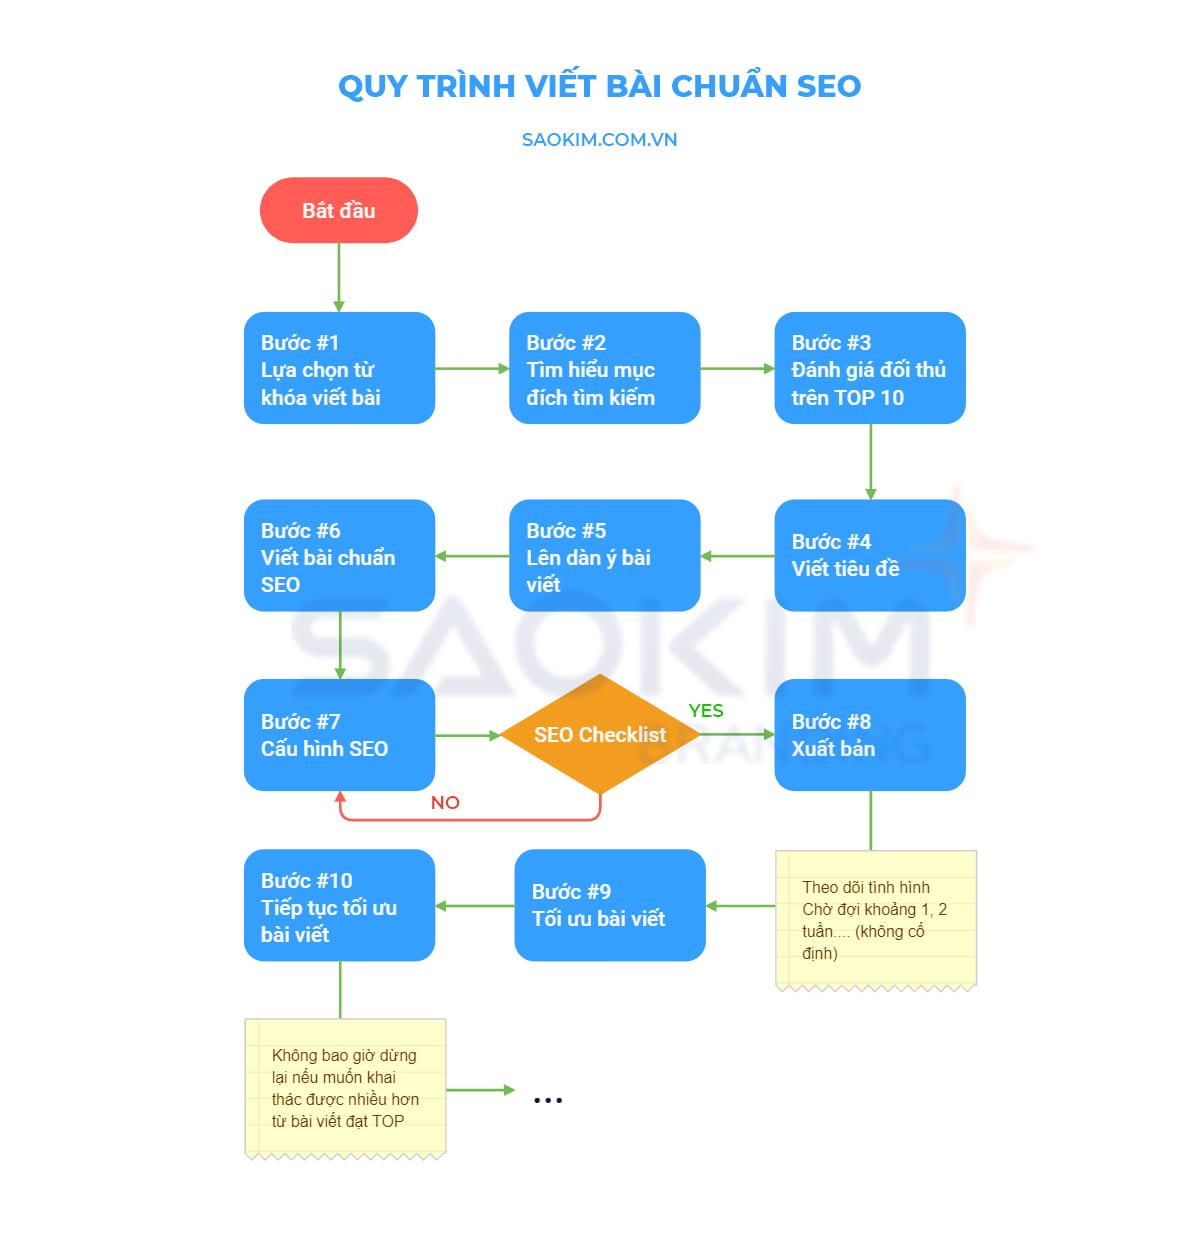 Quy trình viết bài chuẩn SEO của Sao Kim